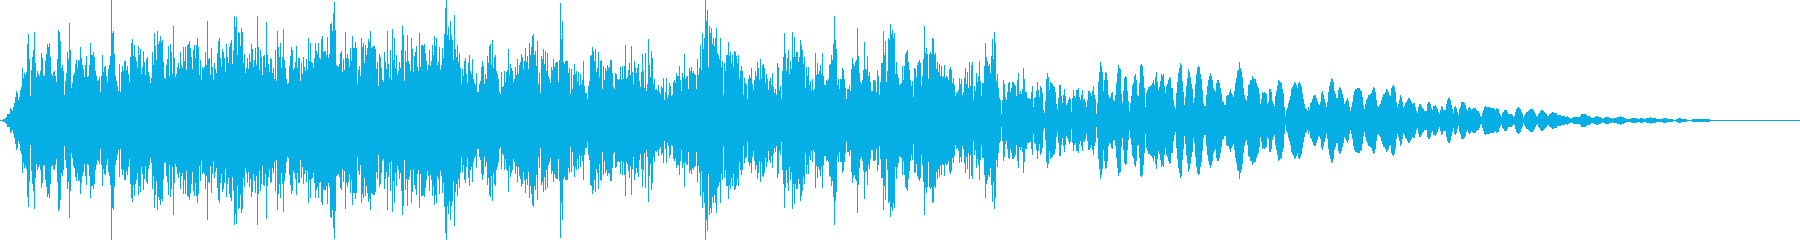 キラキラ(流れ星など)の再生済みの波形